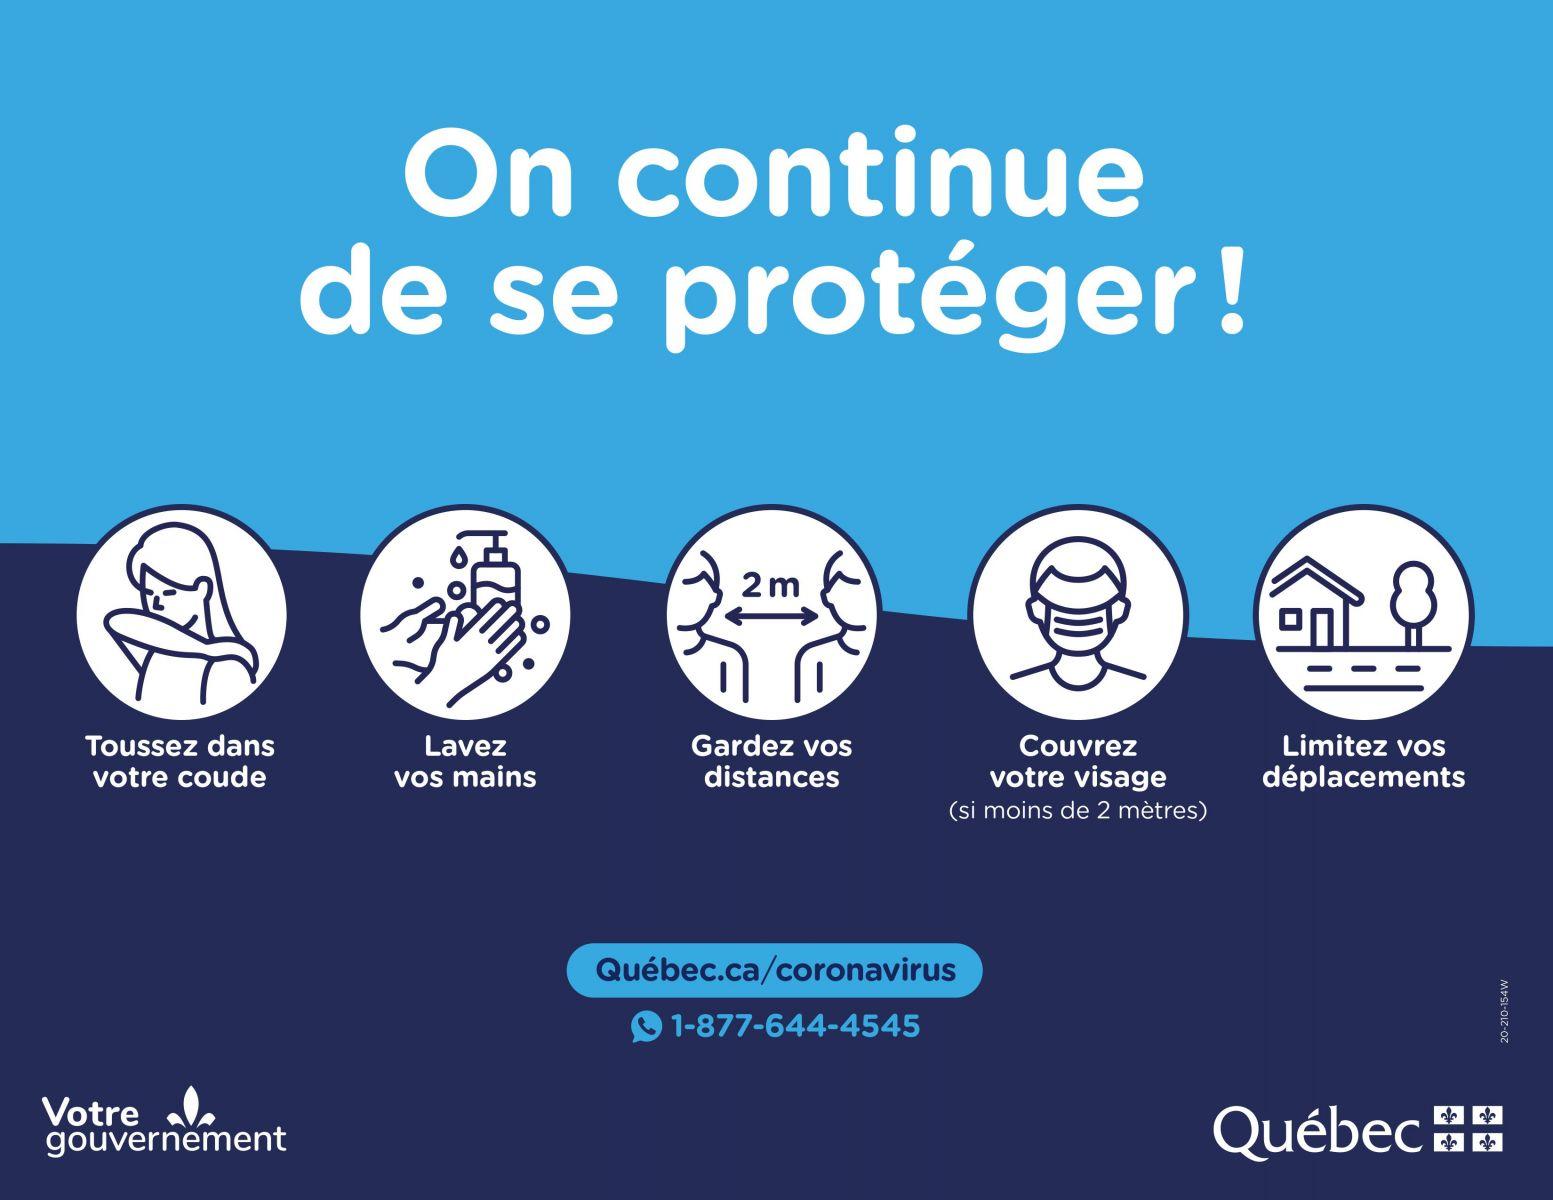 [image] On continue de se protéger! | Toussez dans votre coude | Lavez vos mains | Gardez vos disances | Couvrez votre visage (Si moins de 2 mètres) | Limitez vos déplacements | Québec.ca/coronavirus | 1-877-644-4545 | Votre gouvernement | Québec